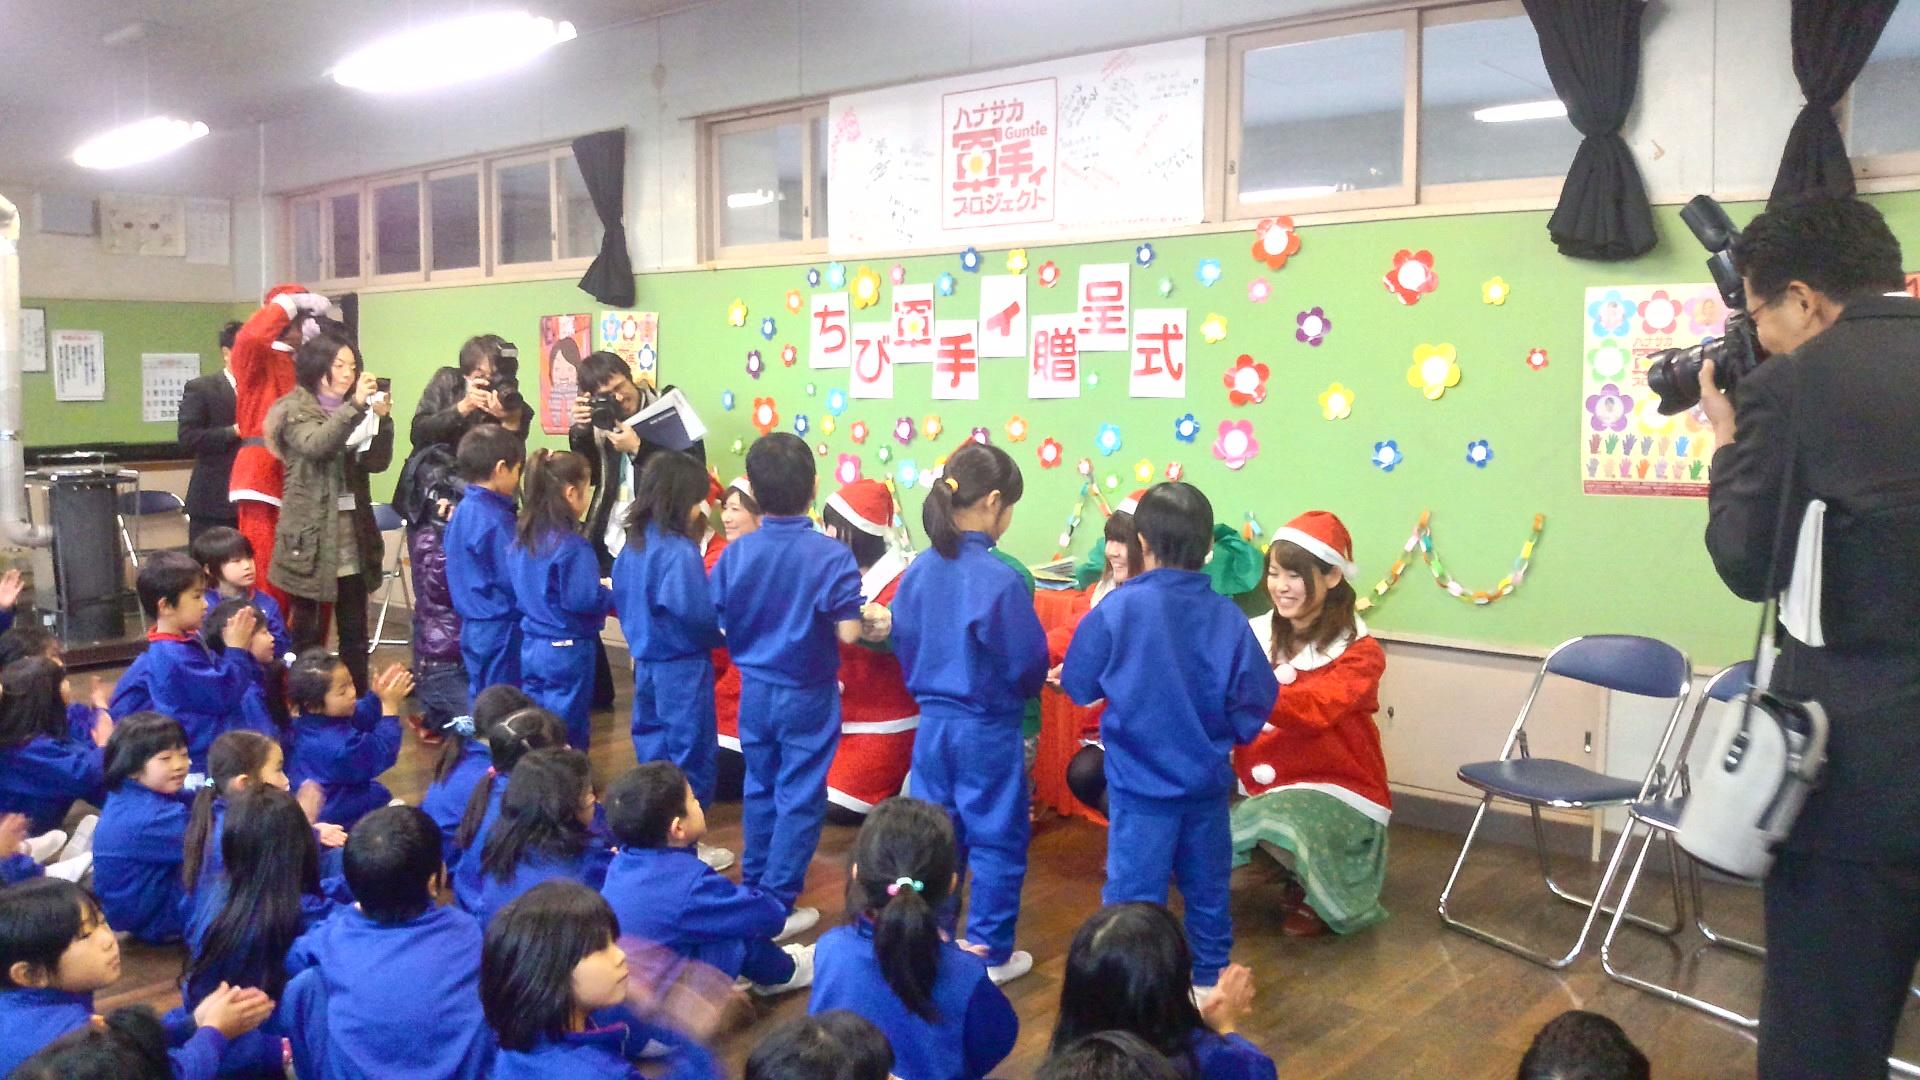 上田市立東小学校